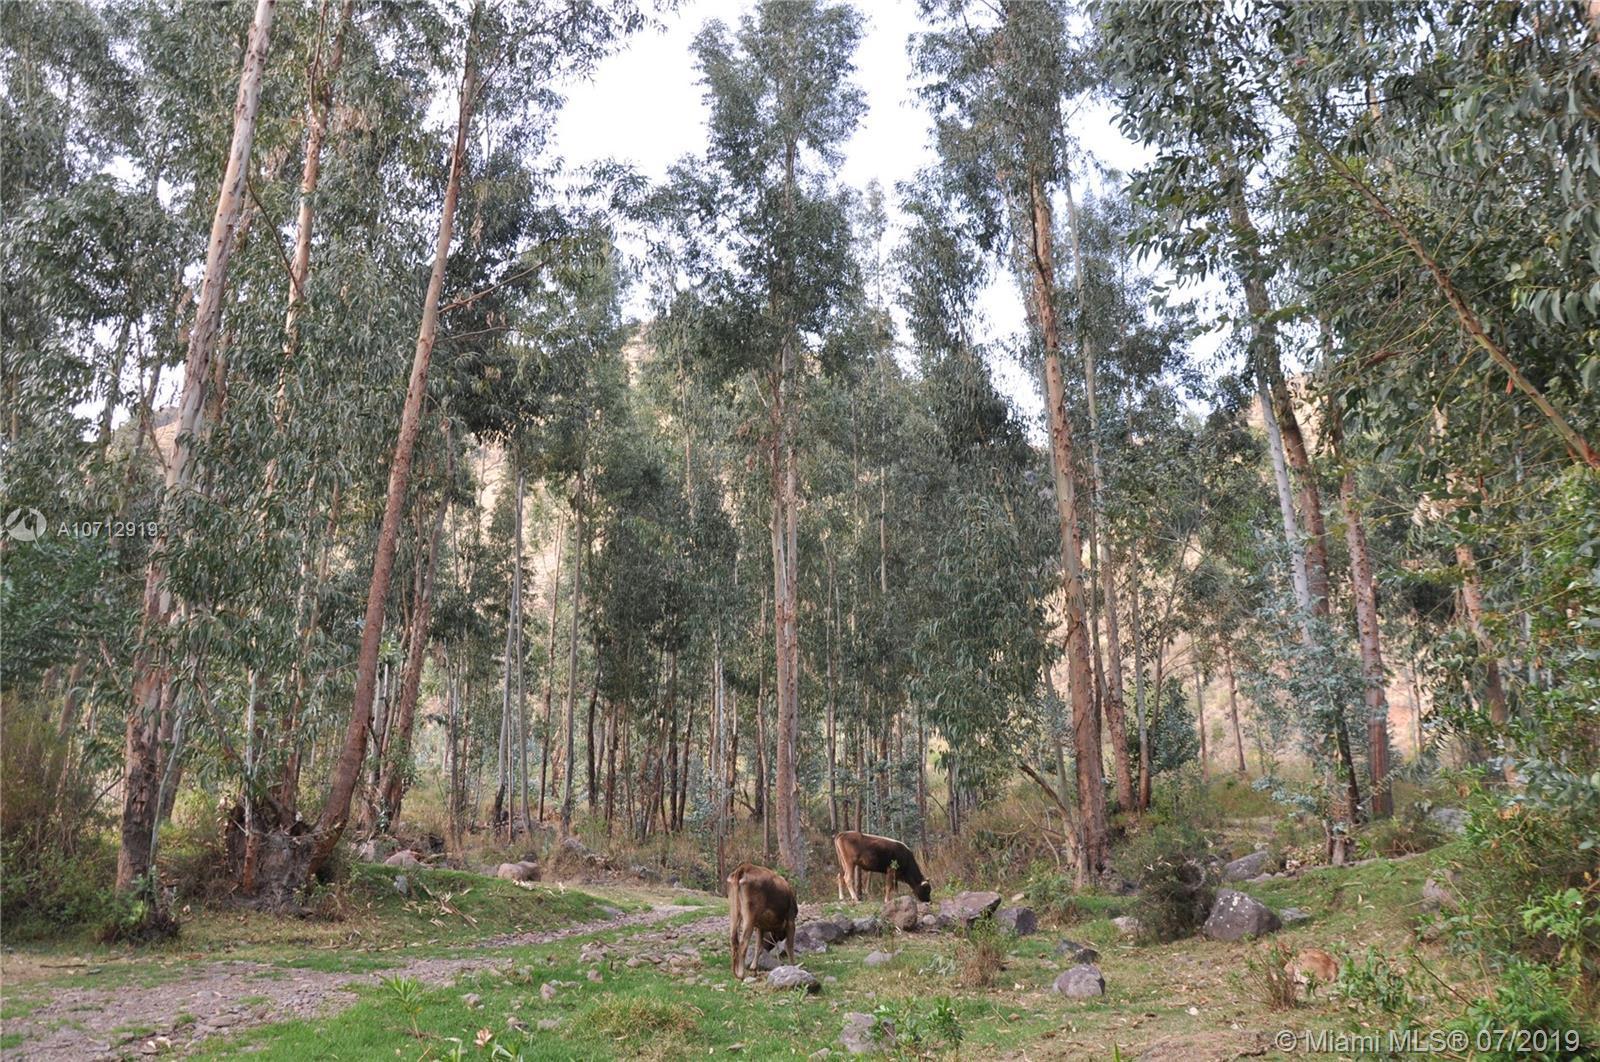 00 Cusco, Peru, Other, AL 00000